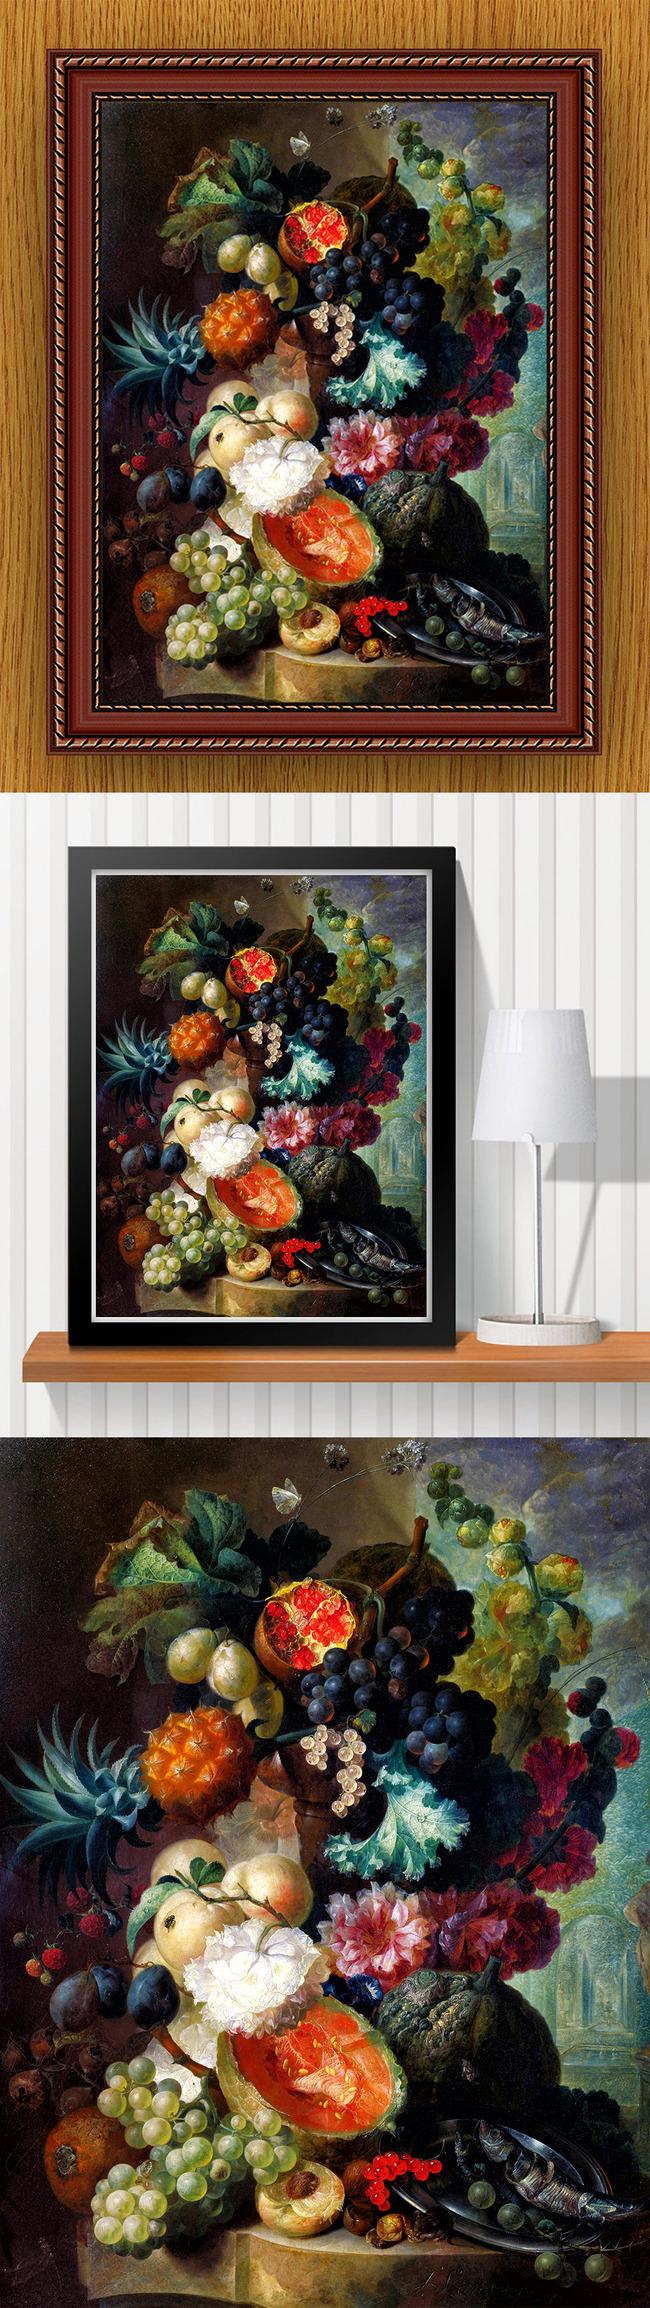 【】高清手绘欧式古典写实风格花卉水果油画